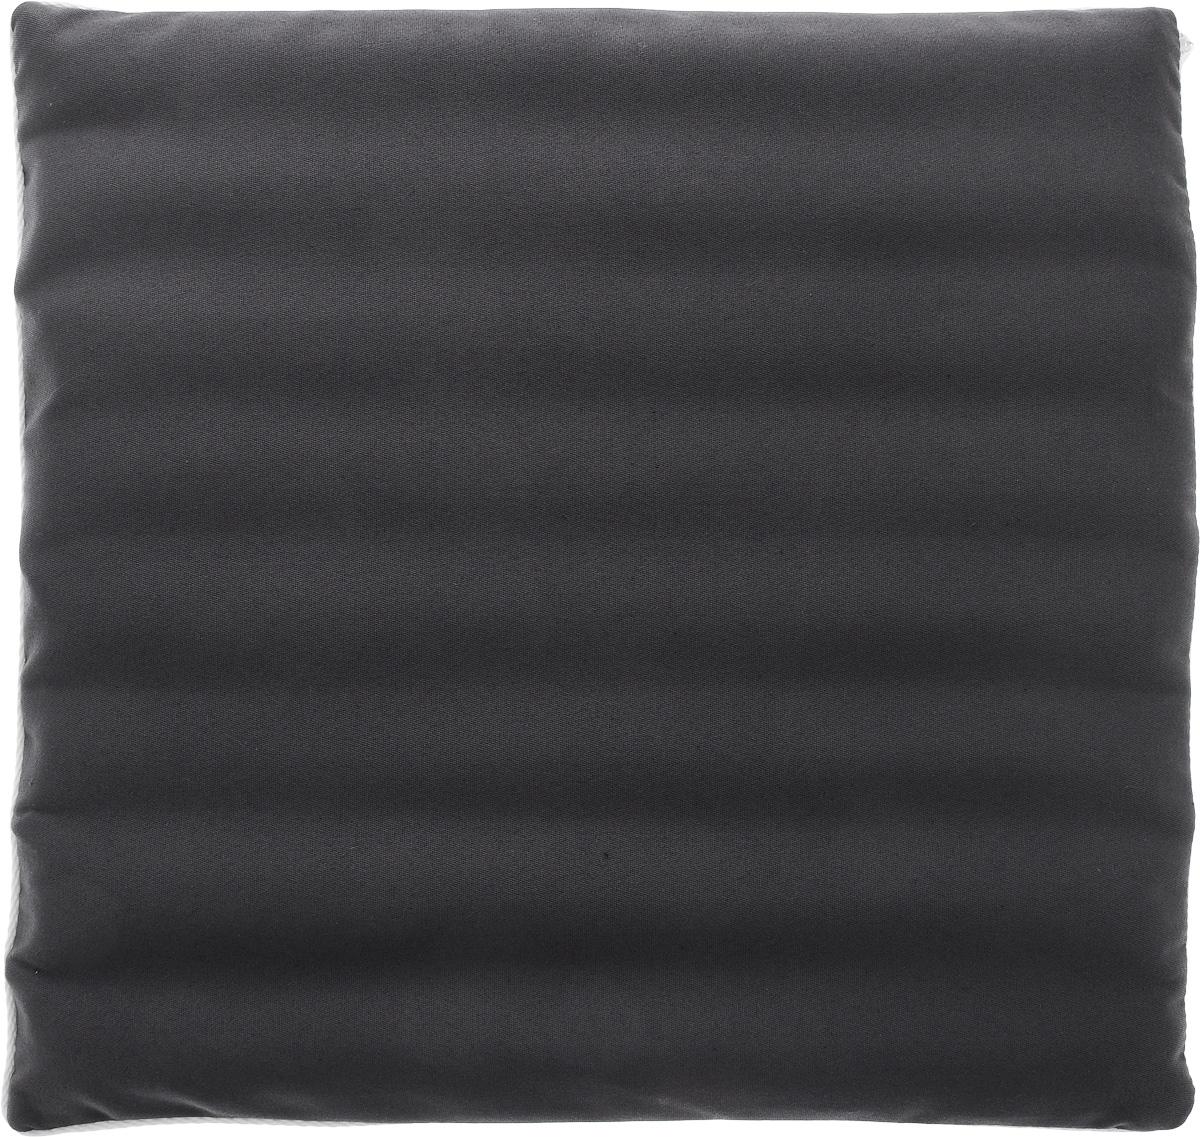 Подушка на сиденье Smart Textile Гемо-комфорт офис, с чехлом, наполнитель: лузга гречихи, 40 х 40 смT758Подушка на сиденье Smart Textile Гемо-комфорт офис создана для тех, кто весь свой рабочий день вынужден проводить в офисном кресле. Наполнителем служат лепестки лузги гречихи, которые обеспечивают микромассаж кожи и поверхностных мышц, а также обеспечивают удобную посадку и снимают напряжение. Особенности подушки: - Хорошо проветривается. - Предупреждает потение. - Поддерживает комфортную температуру. - Обминается по форме тела. - Улучшает кровообращение. - Исключает затечные явления. - Предупреждает развитие заболеваний, связанных с сидячим образом жизни. Конструкция подушки, составленная из ряда валиков, обеспечивает еще больший массажный эффект, а плотная износостойкая ткань хорошо удерживает наполнитель, сохраняет форму подушки и продлевает срок службы изделия. Подушка также будет полезна и дома - при работе за компьютером, школьникам - при выполнении домашних работ, да и в любимом кресле перед телевизором. ...